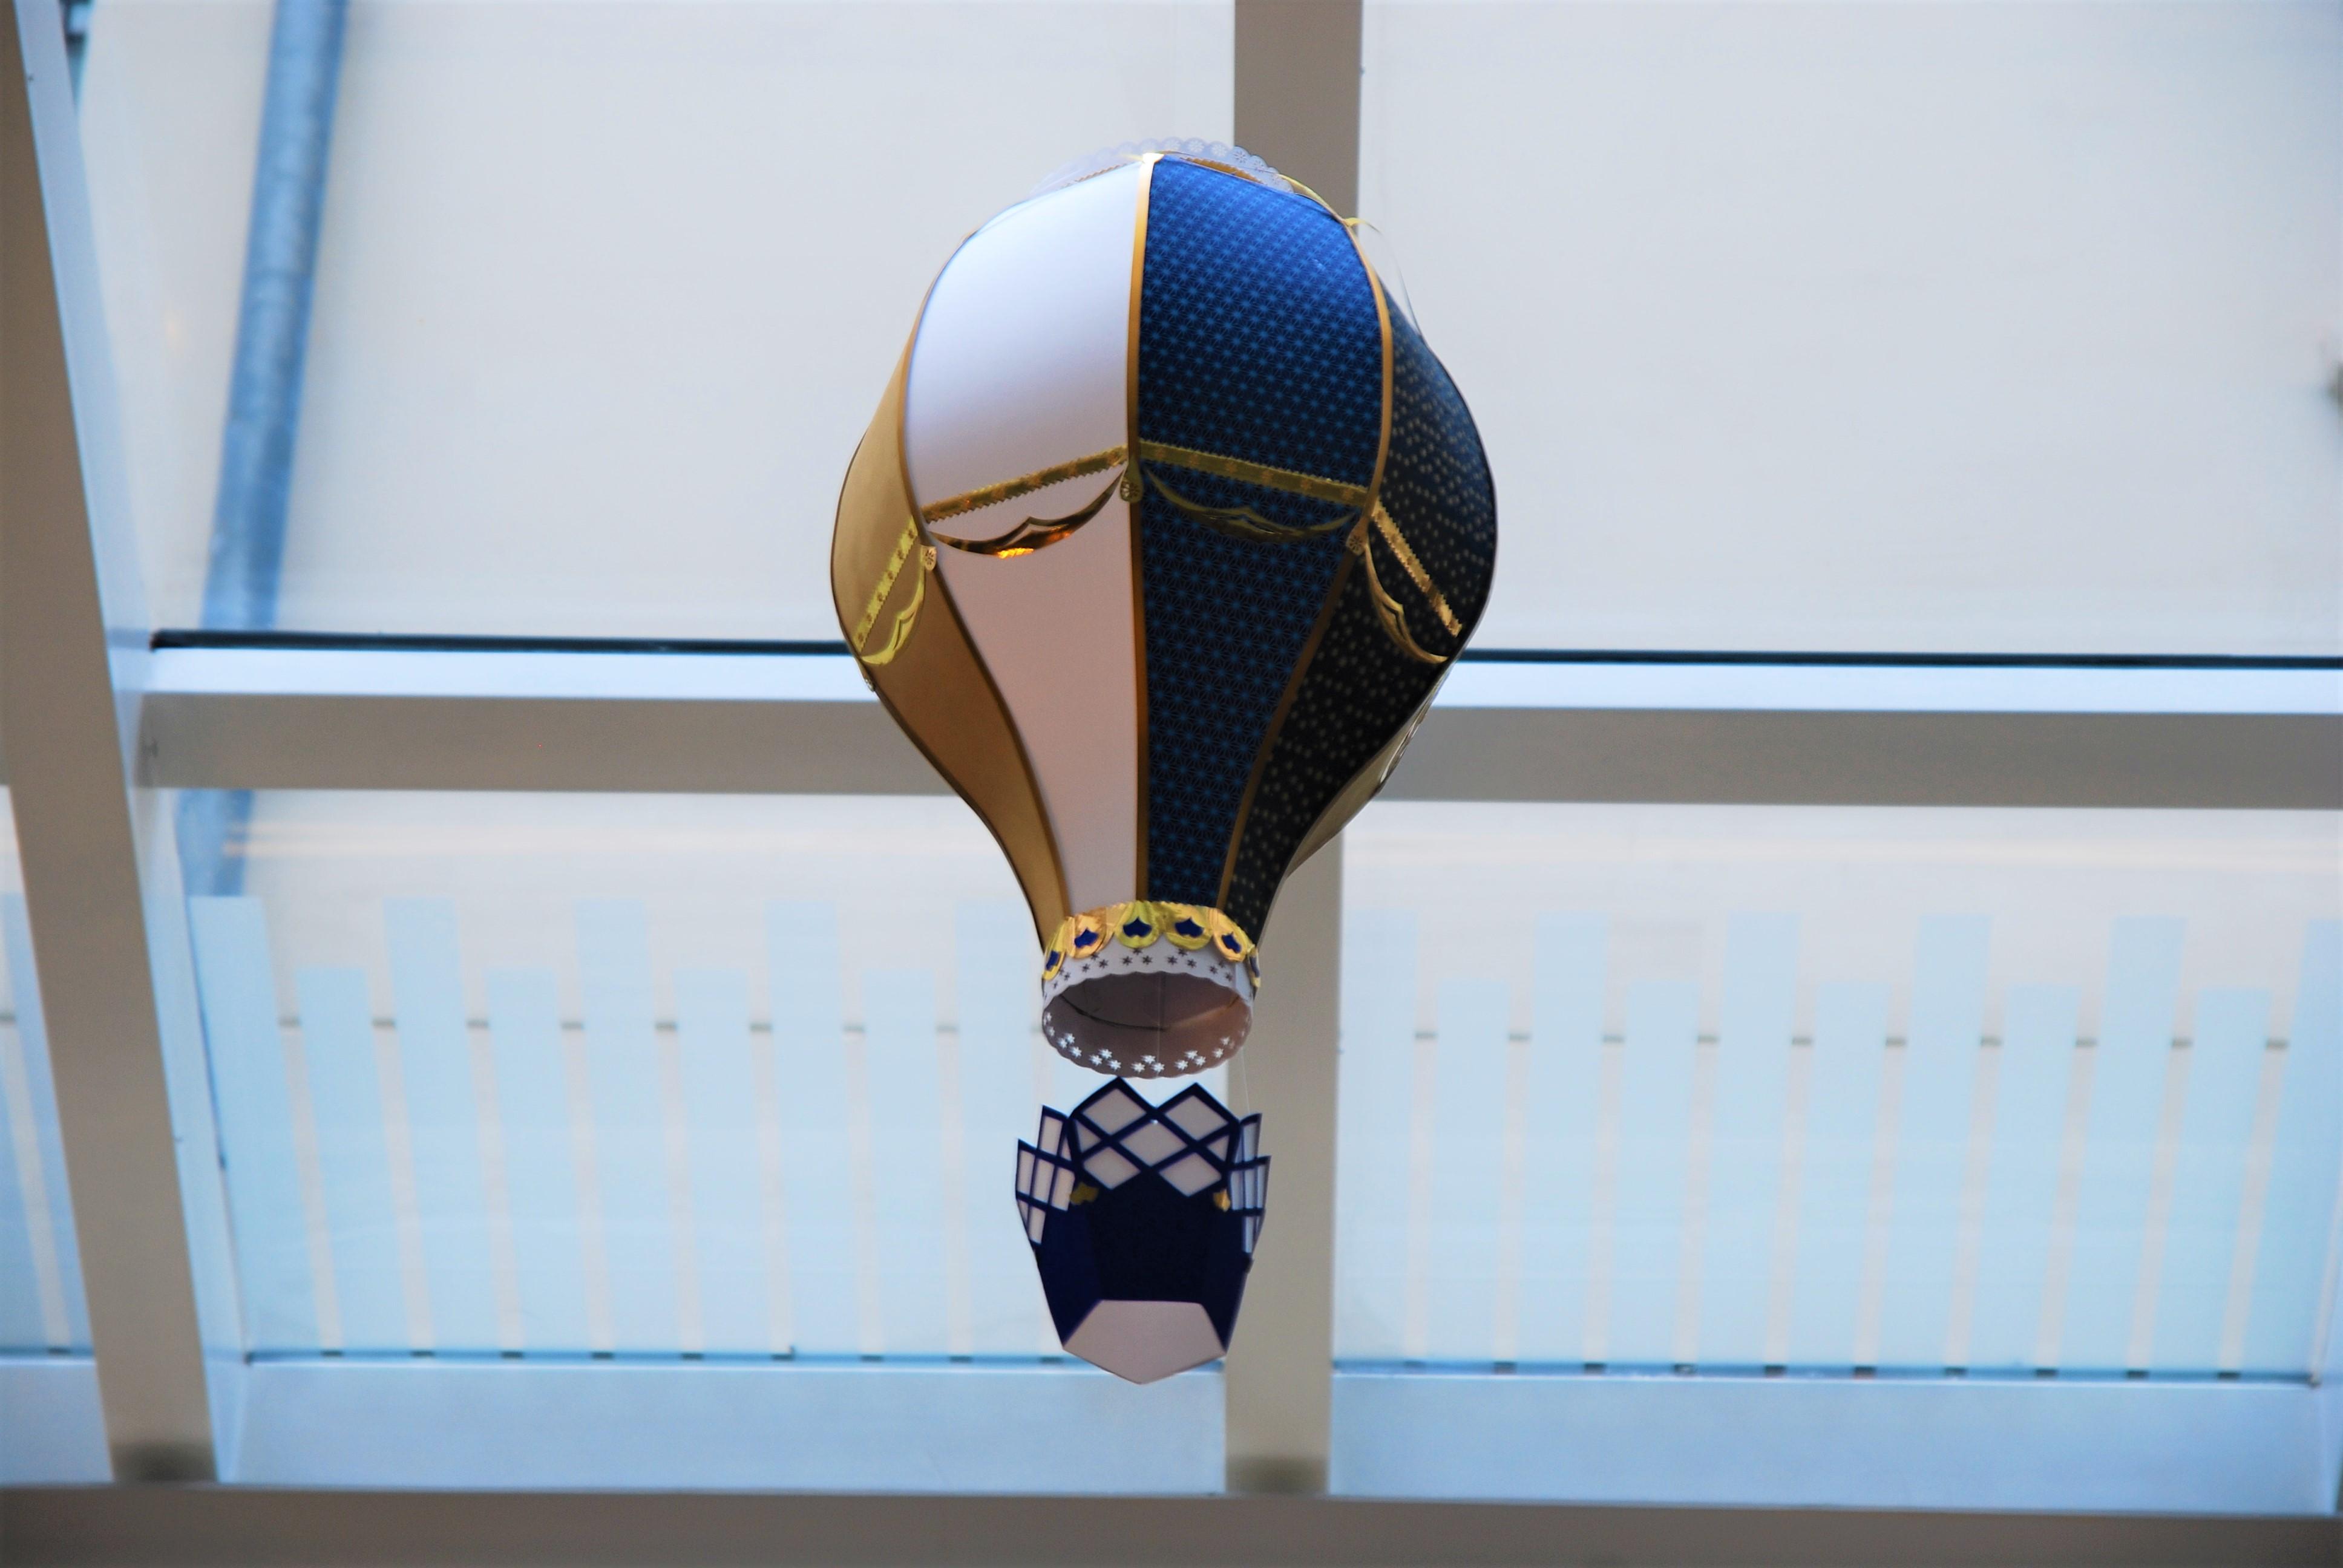 montgolfiere-paper-art-creation-pour-hotel-sofitel-paris-le-faubourg-noel-2018-Laure-Devenelle